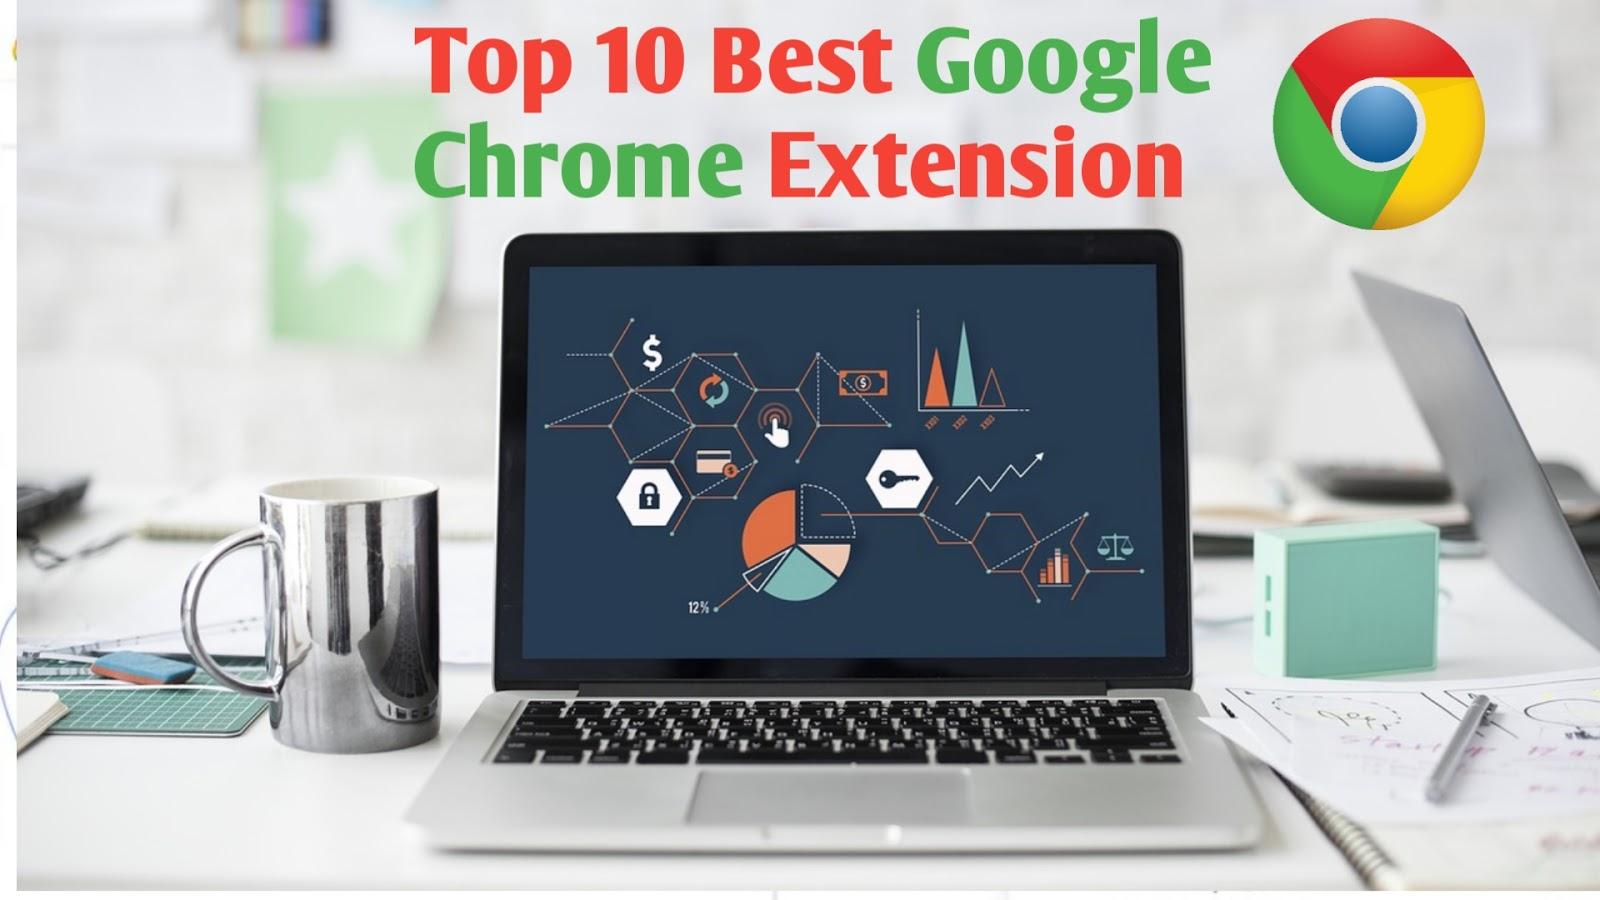 Top 10 Best google chrome extension of 2019 - Anujtalks